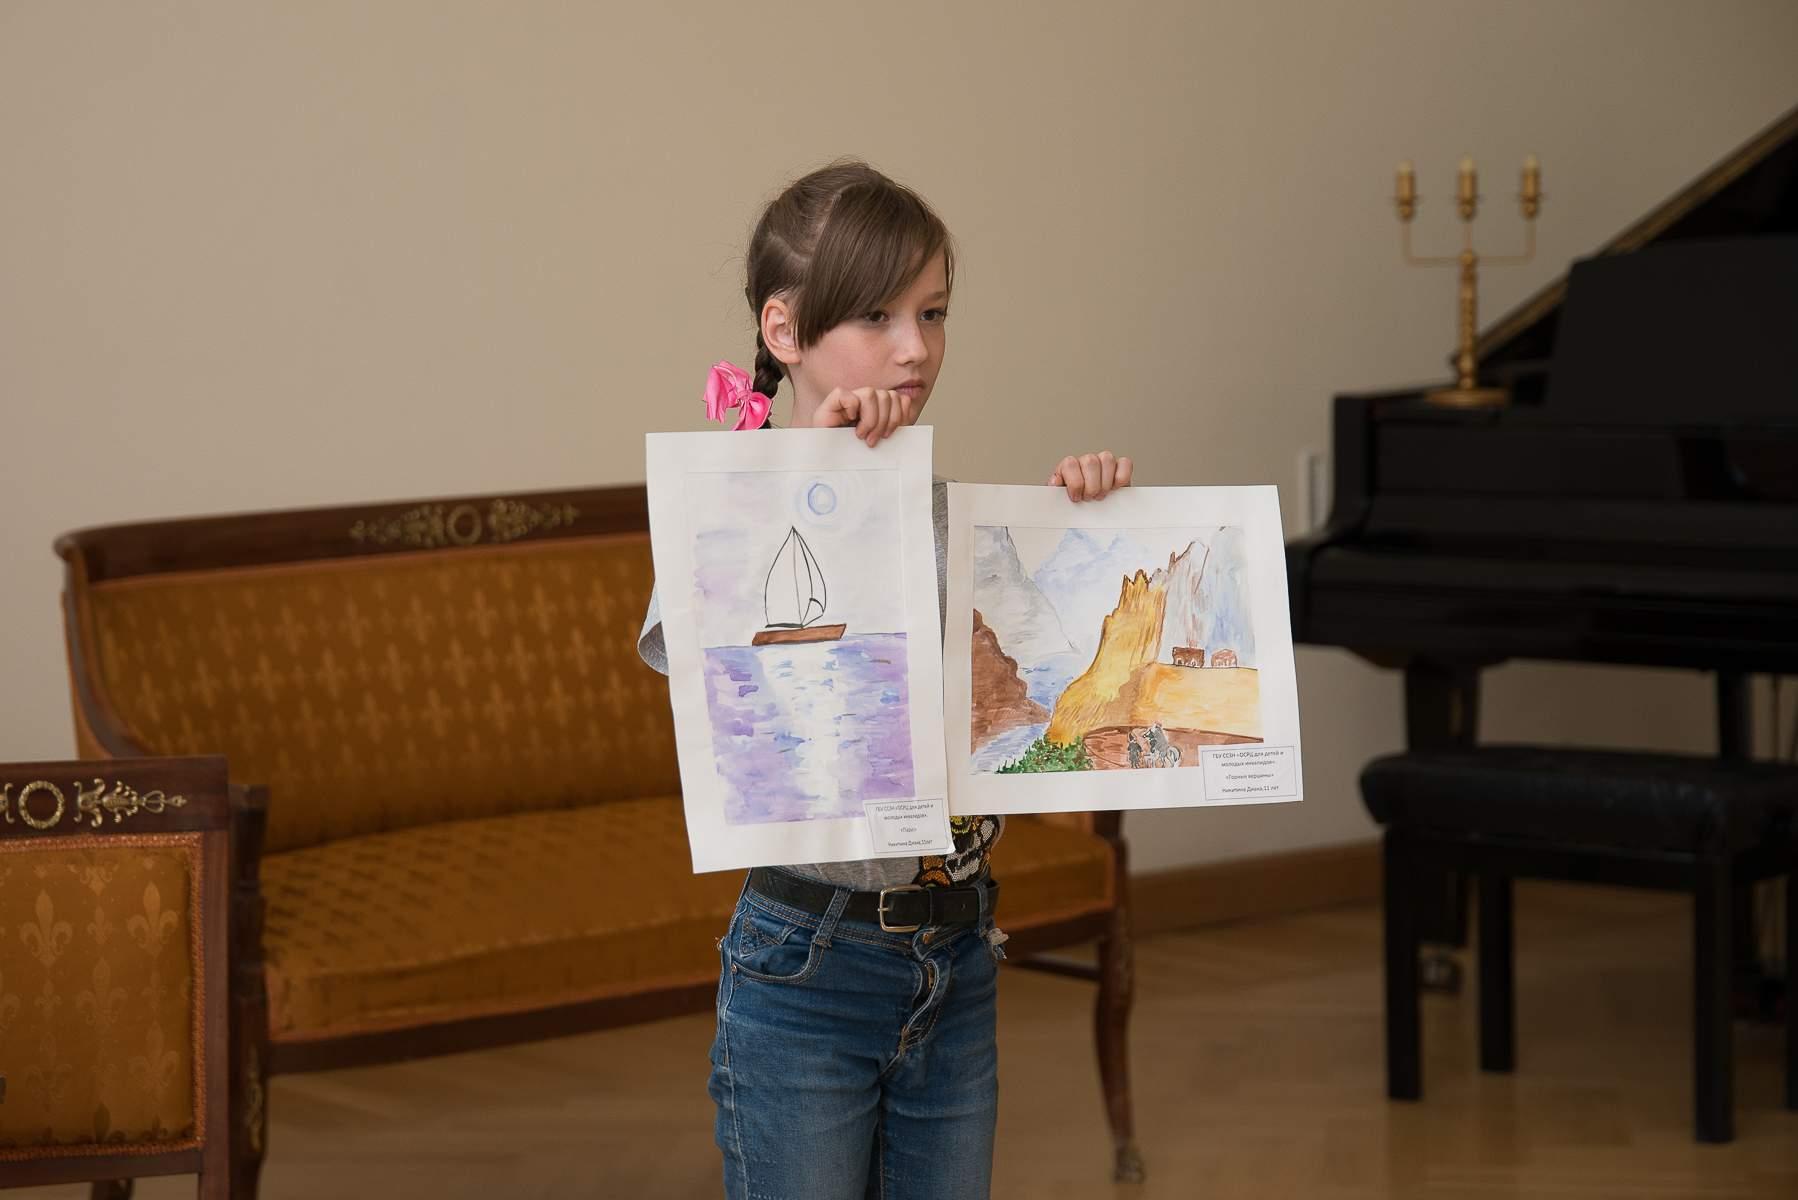 День памяти М.Ю. Лермонтова 27 июля 2019 года в музее «Тарханы». Конкурсы и лекции для детей